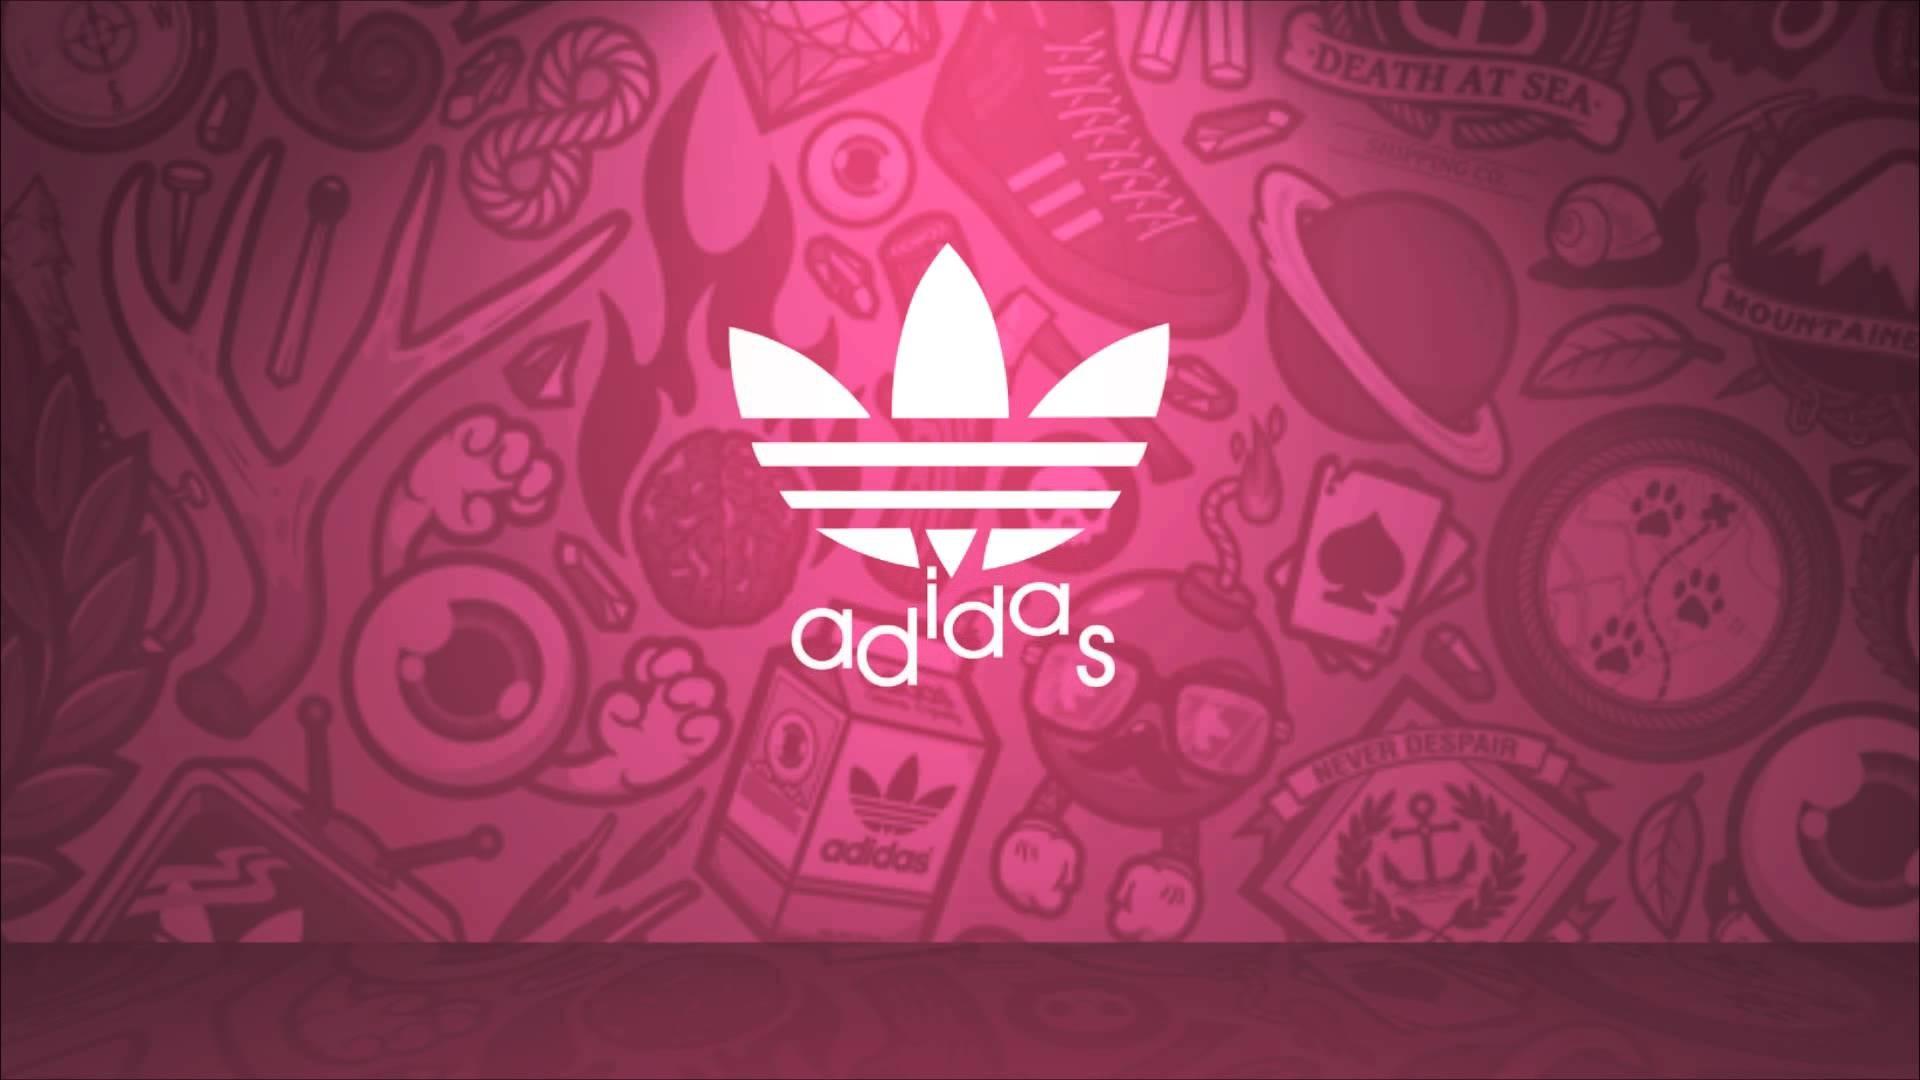 Res: 1920x1080, Adidas Original Promo